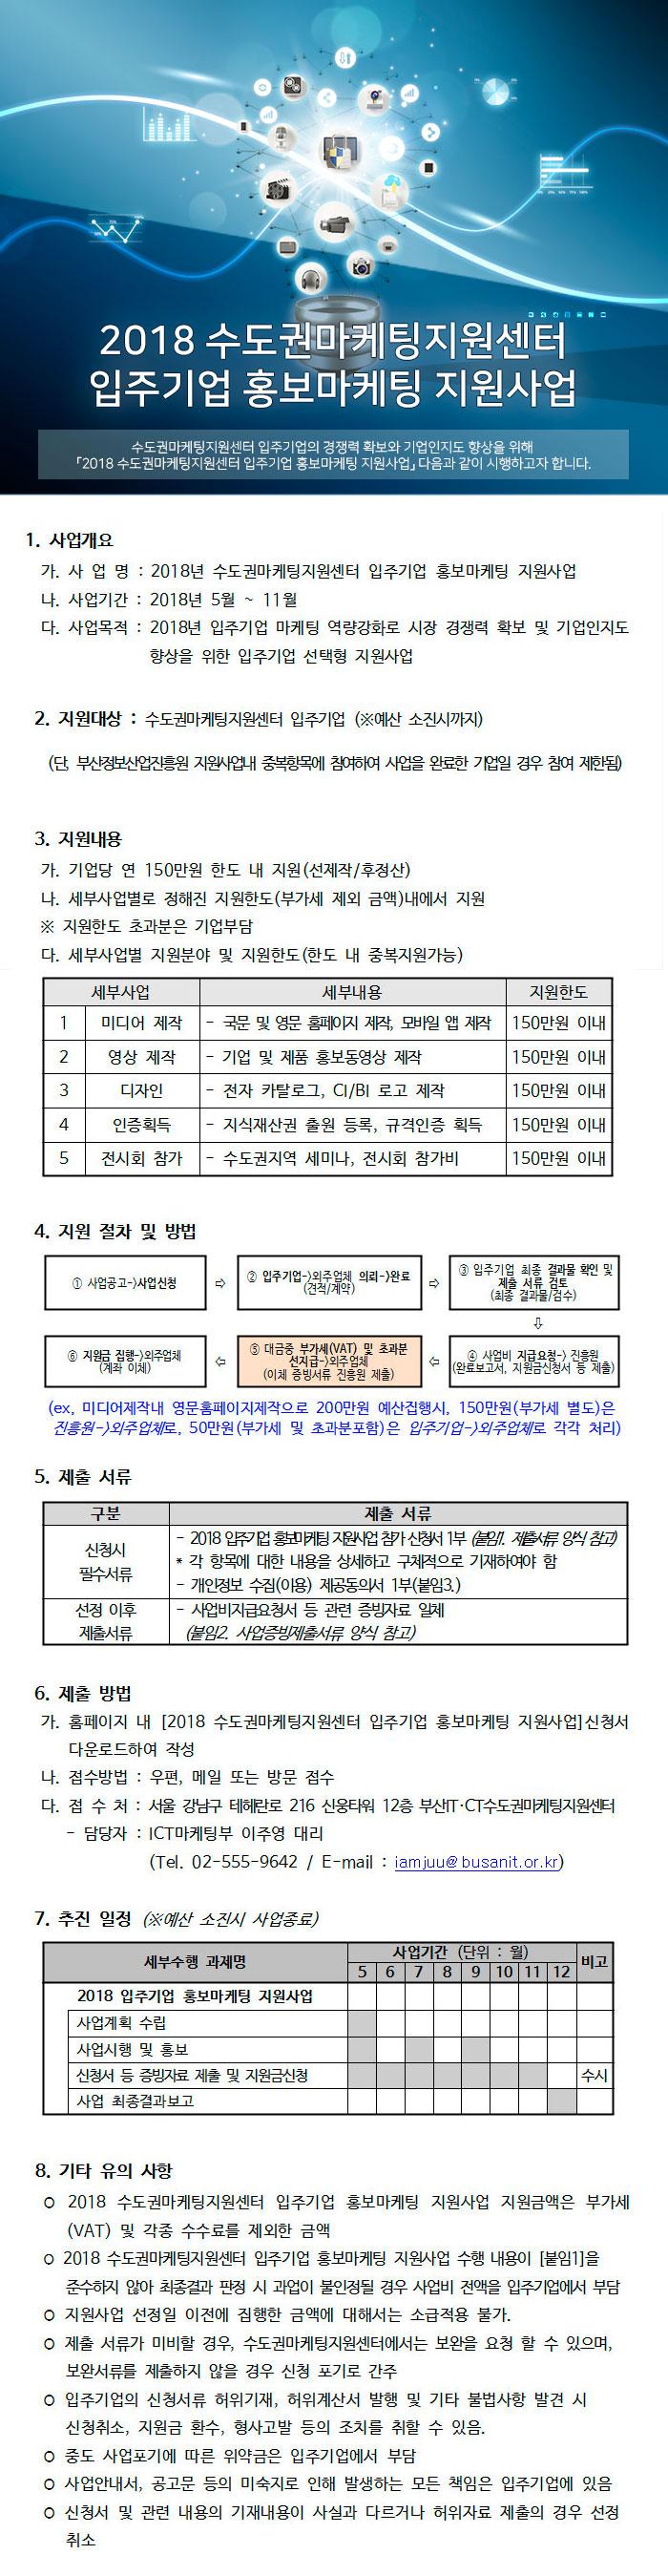 2018 수도권마케팅지원센터 입주기업 홍보마케팅 지원사업